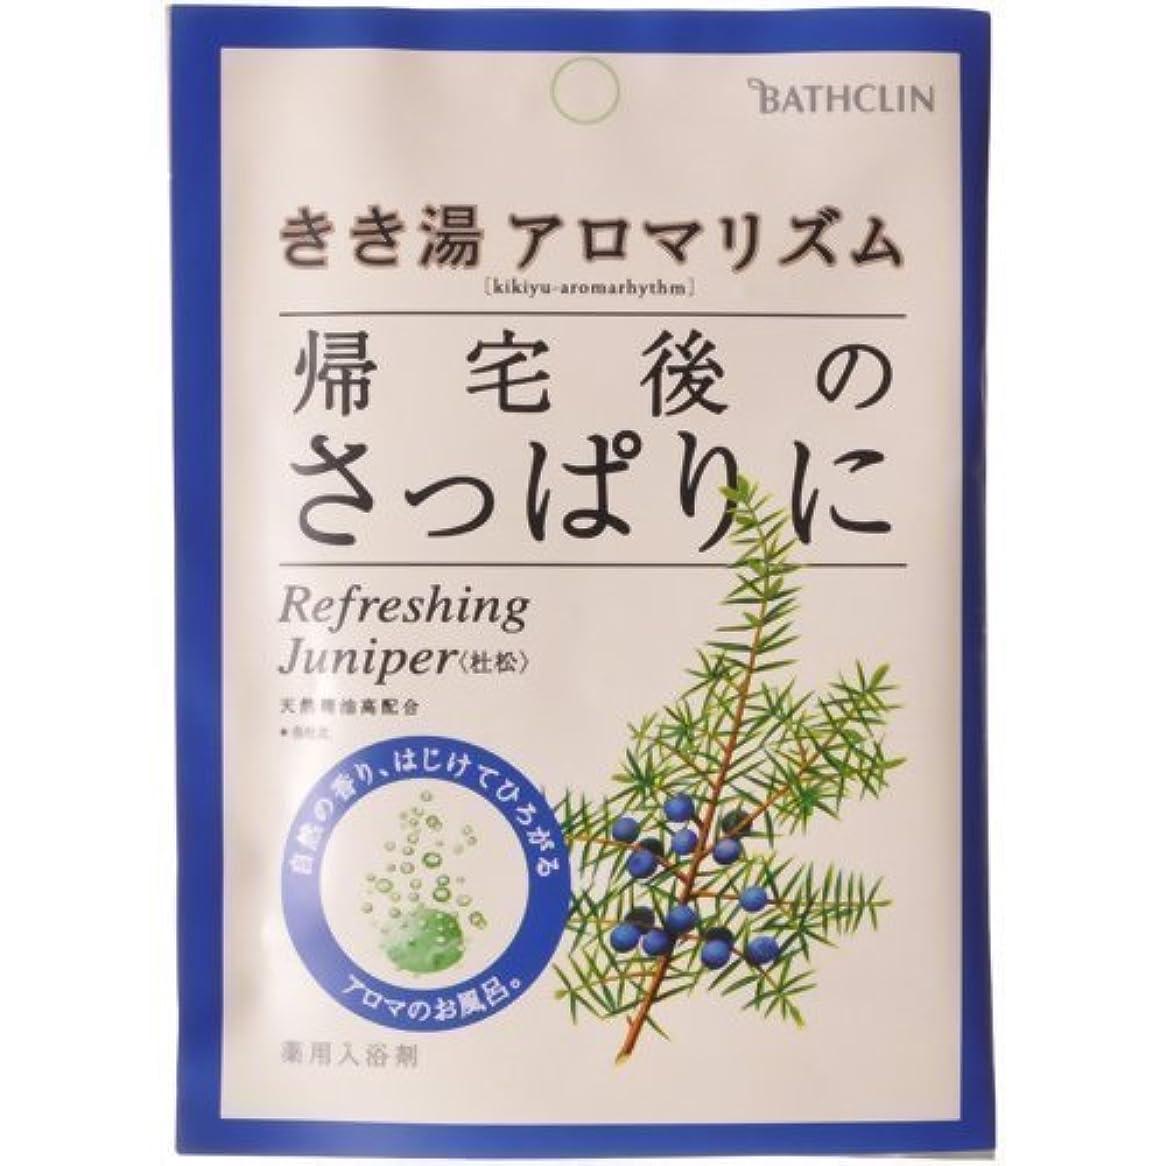 ステートメント施設適合するきき湯 アロマリズム リフレッシュジュニパーの香り 30g